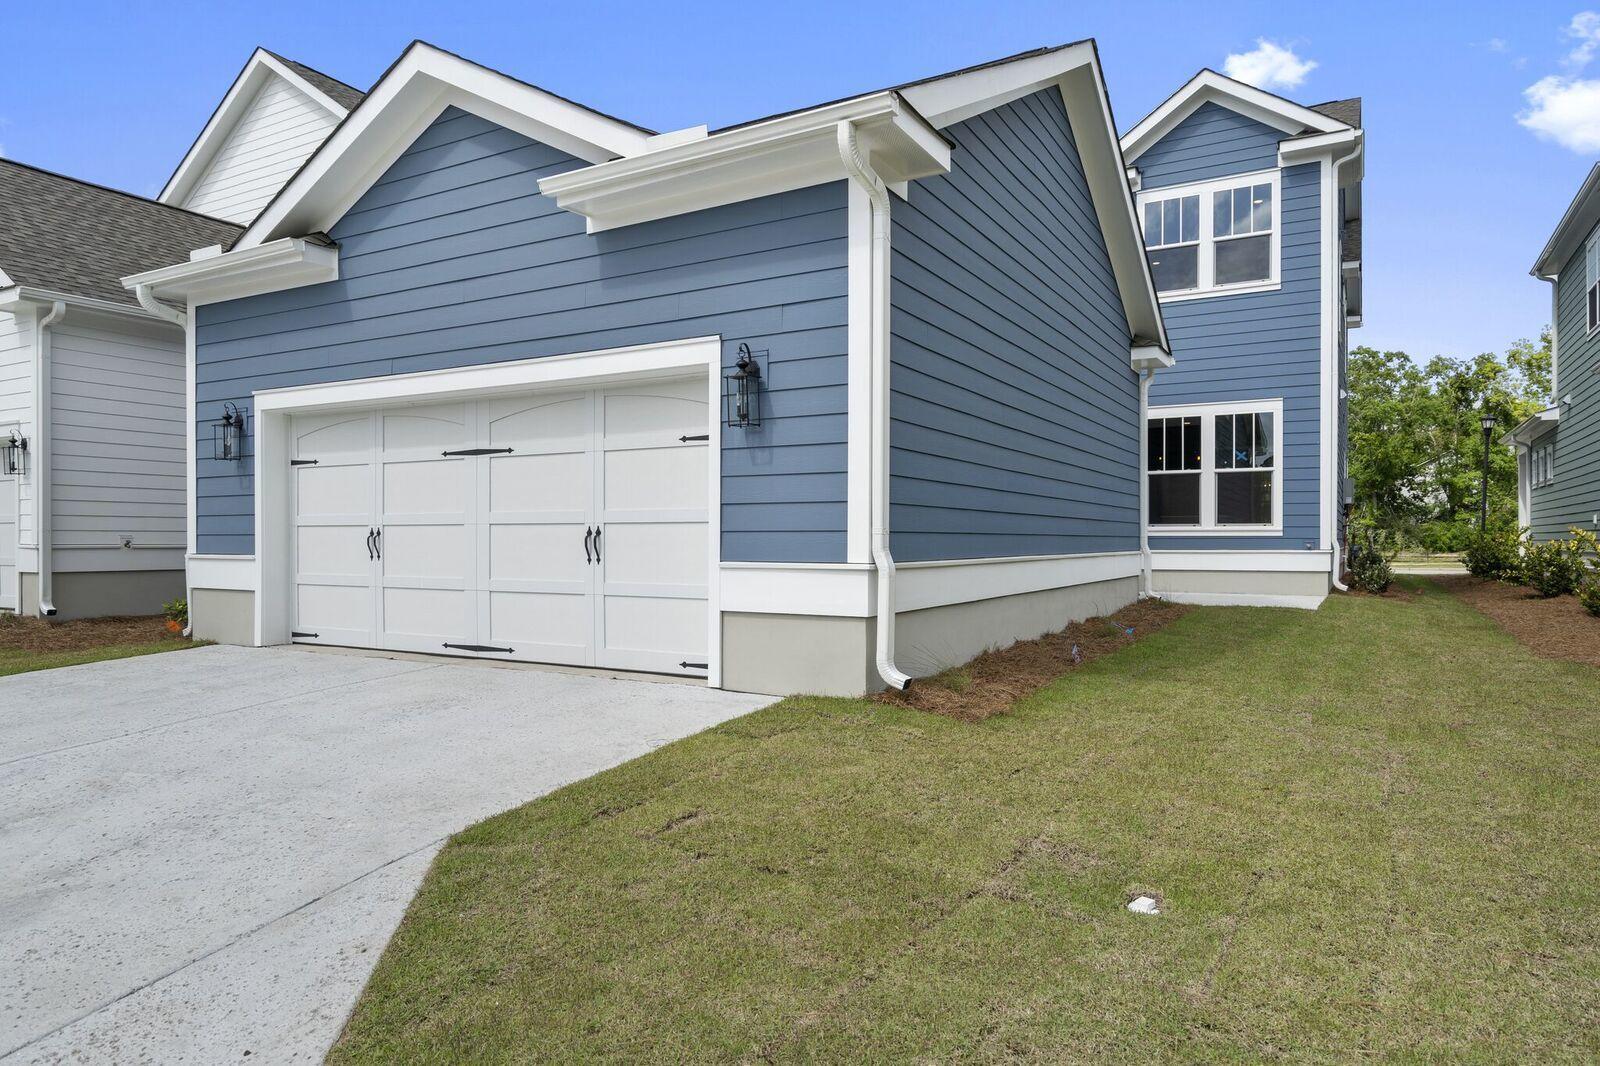 Midtown Homes For Sale - 1523 Low Park, Mount Pleasant, SC - 28